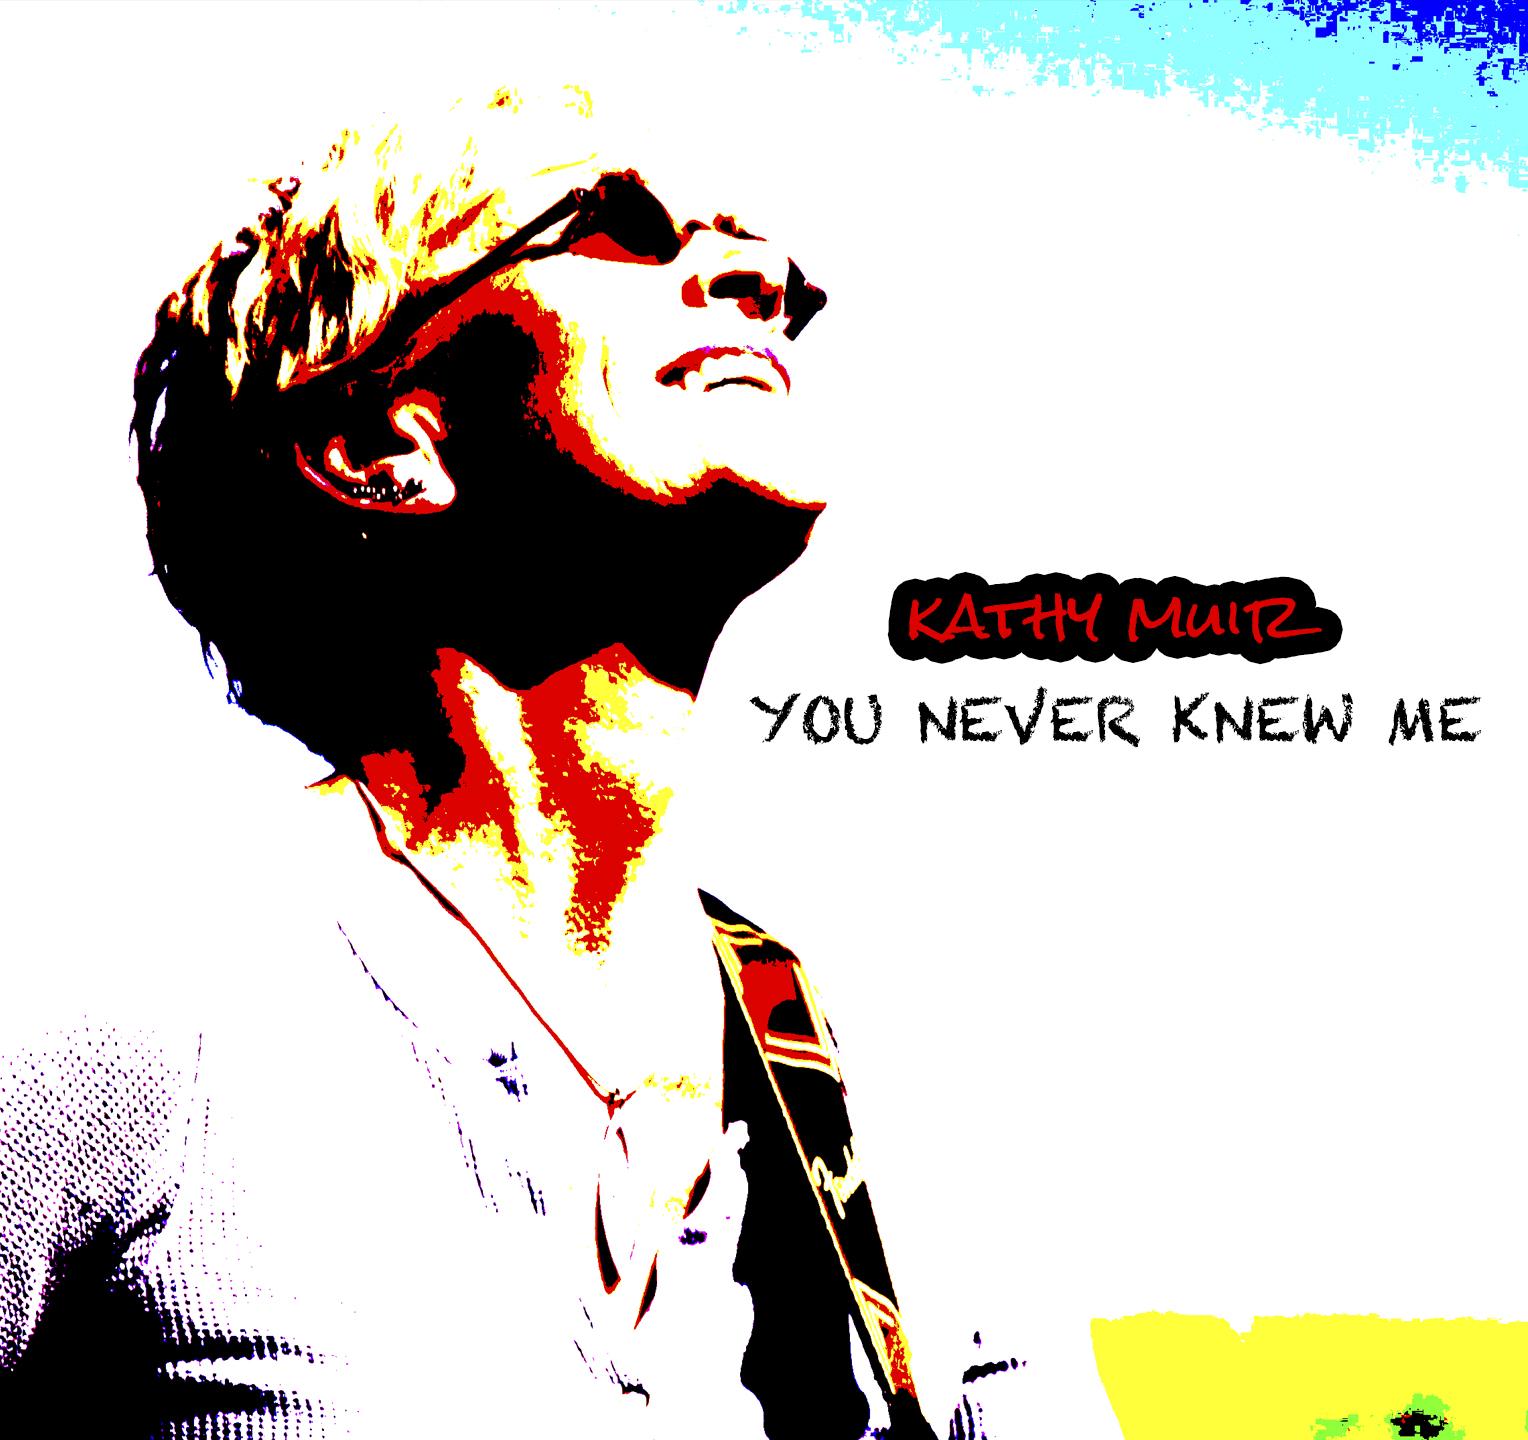 You Never Knew Me artwork